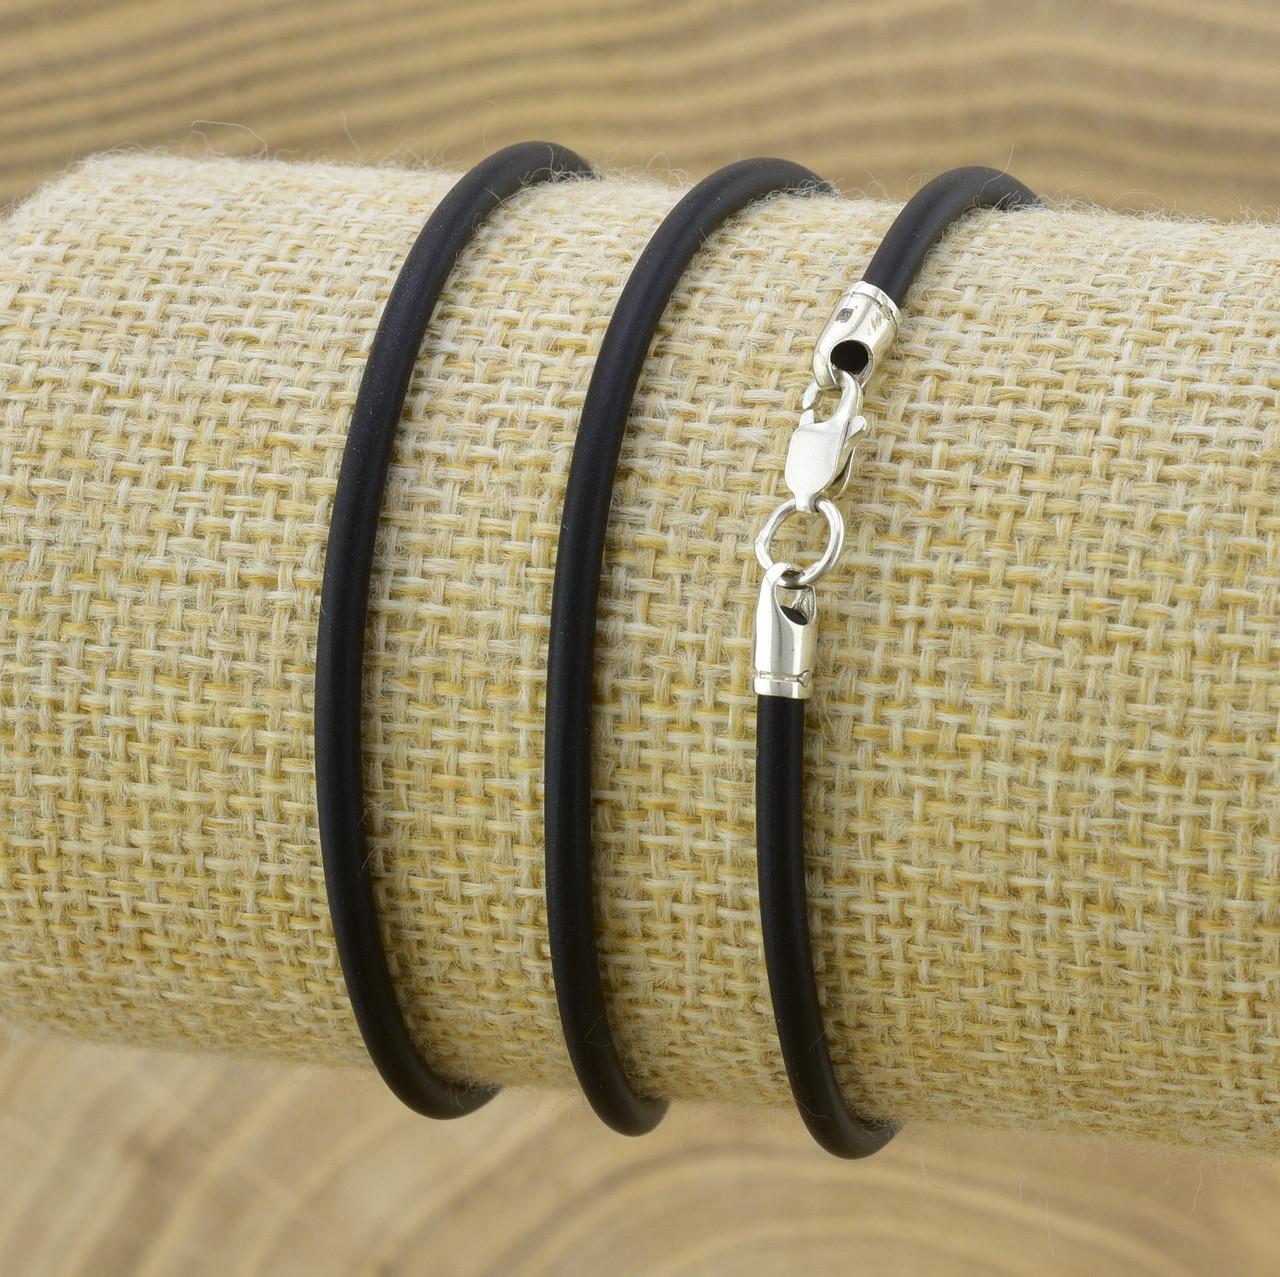 Шнурок каучуковый цвет черный длина 45 см ширина 2.5 мм вес серебра 0.8 г